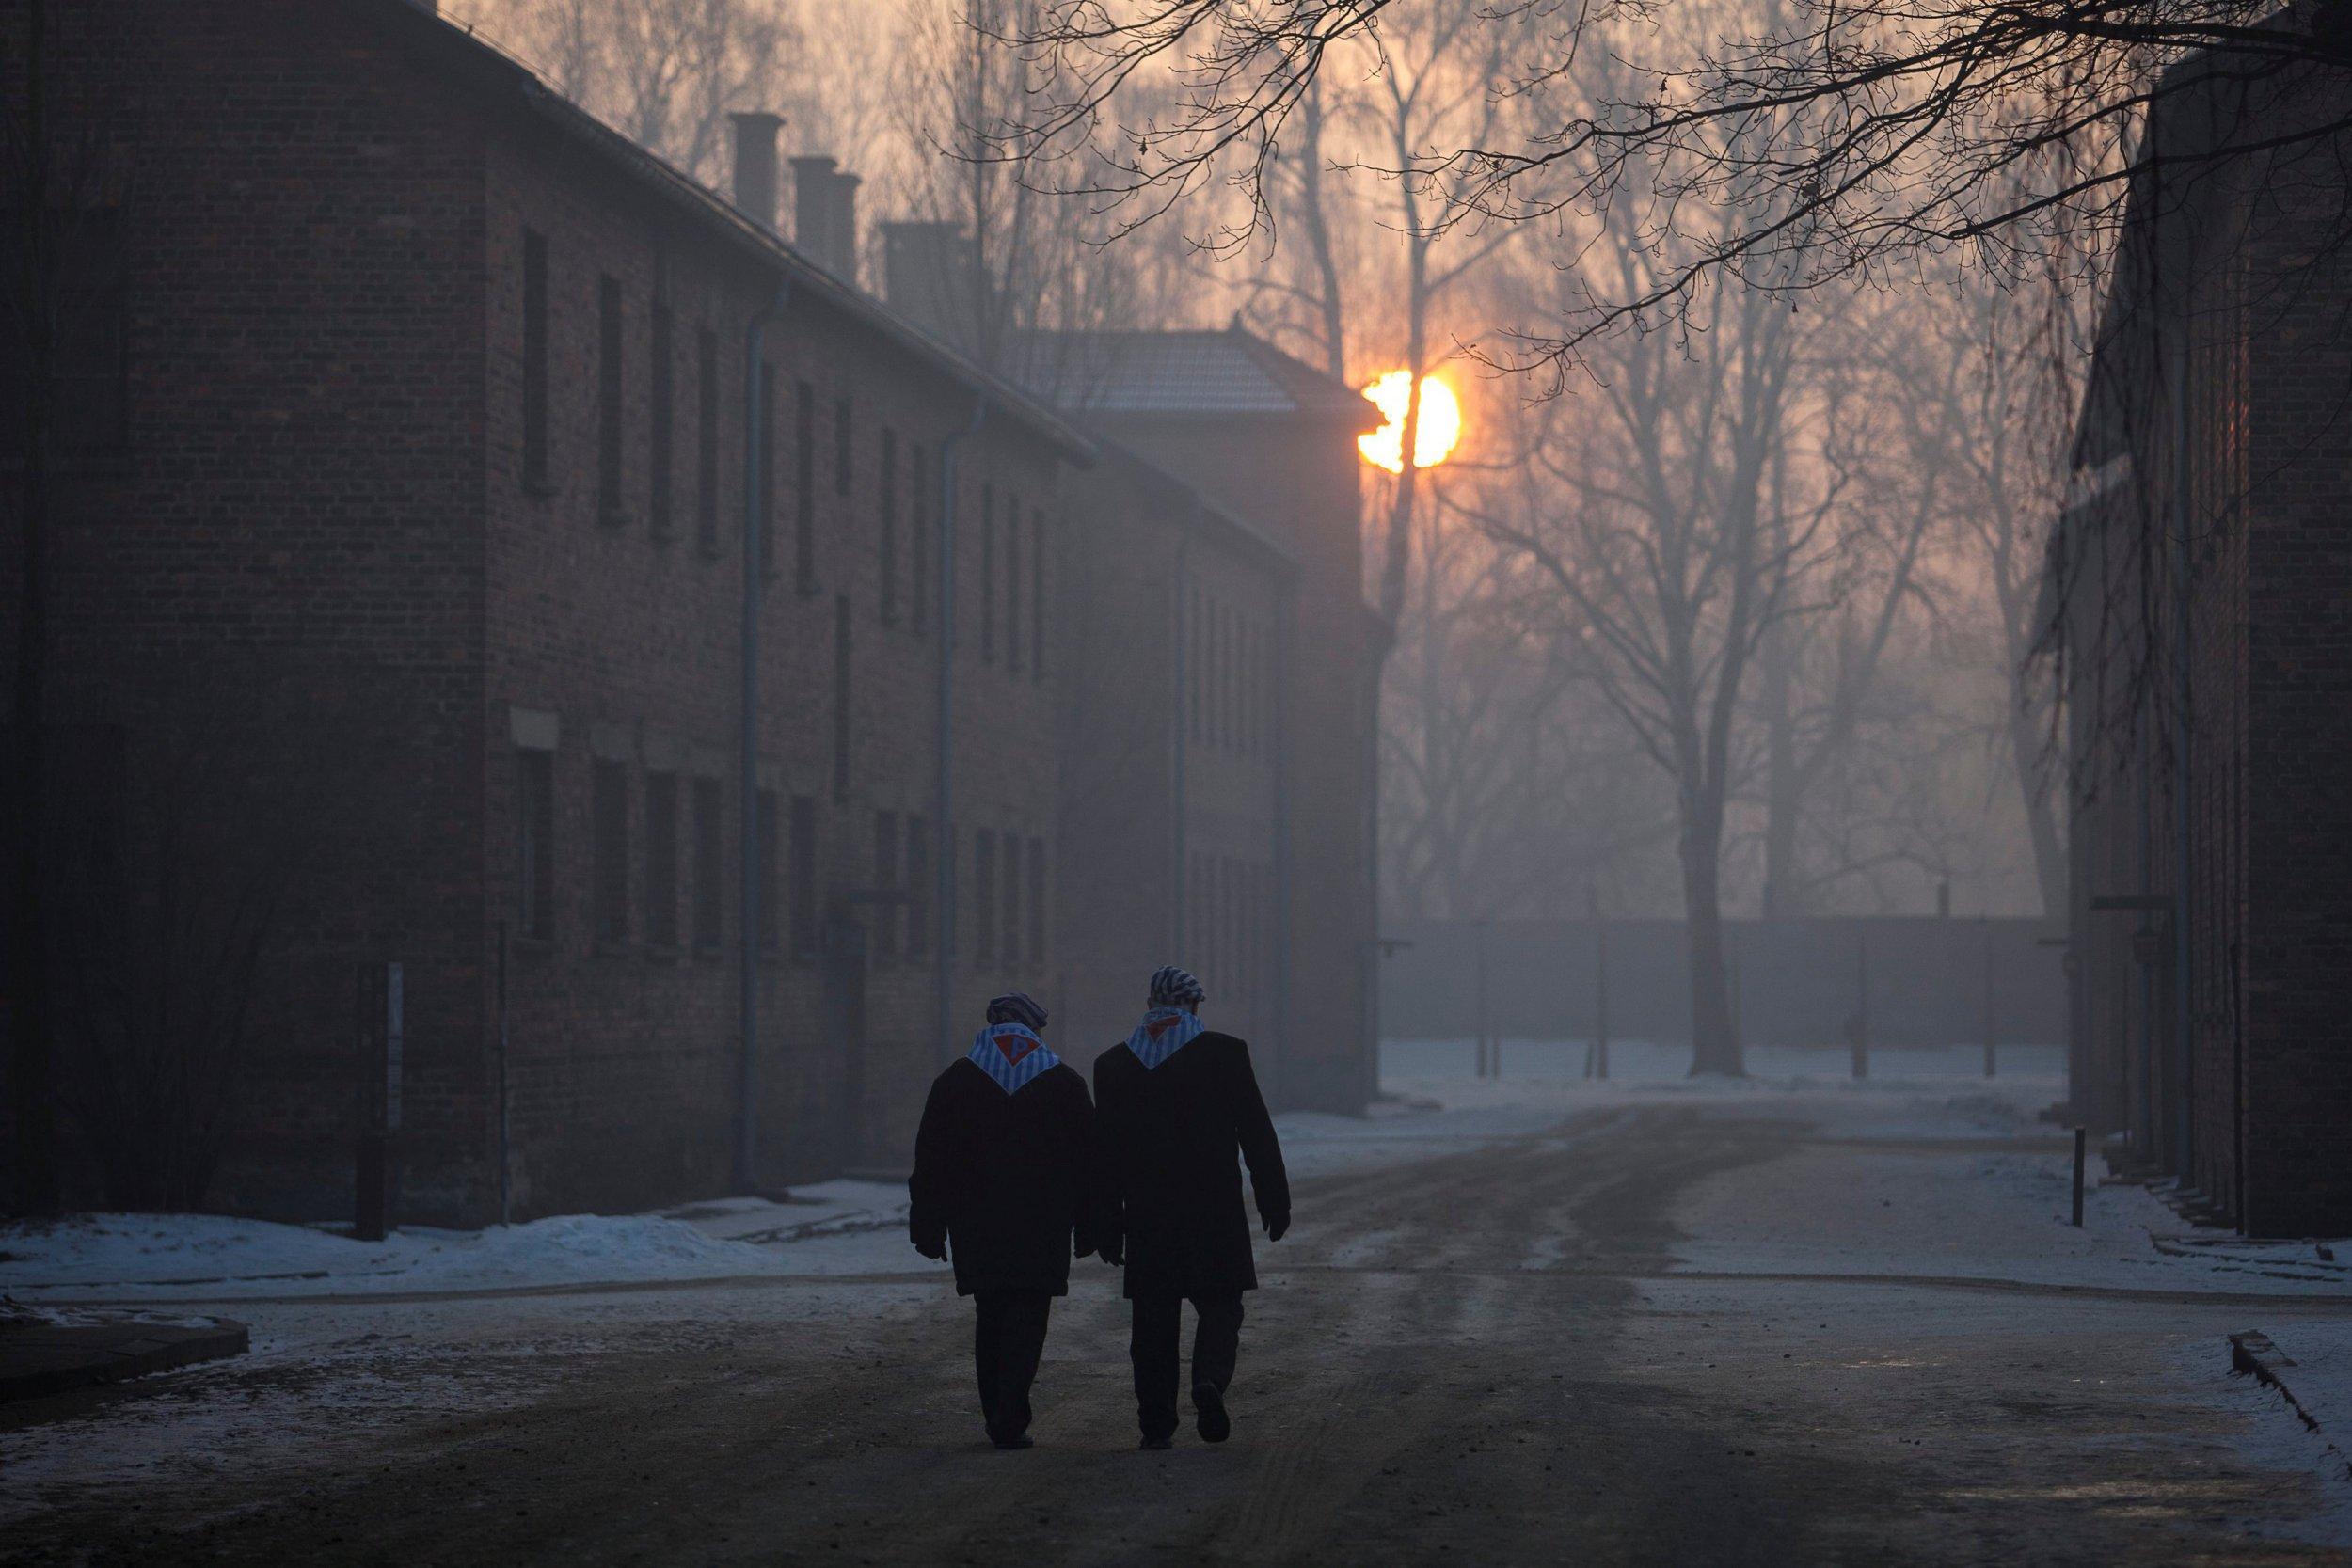 Holocaust survivors in Auschwitz 2017